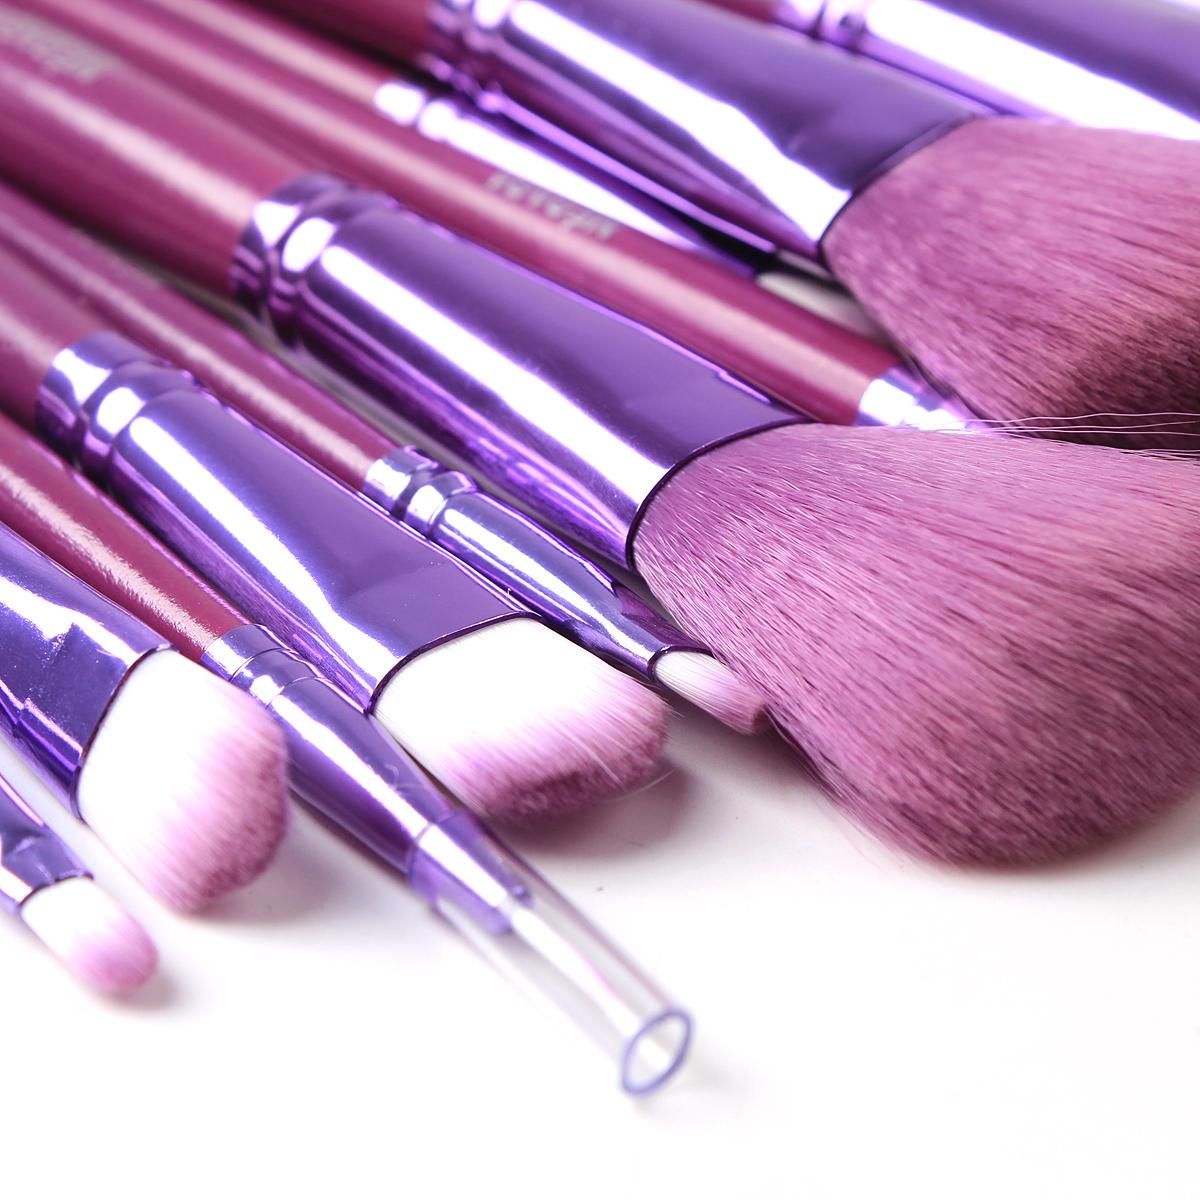 Необходимые инструменты для профессионального макияжа